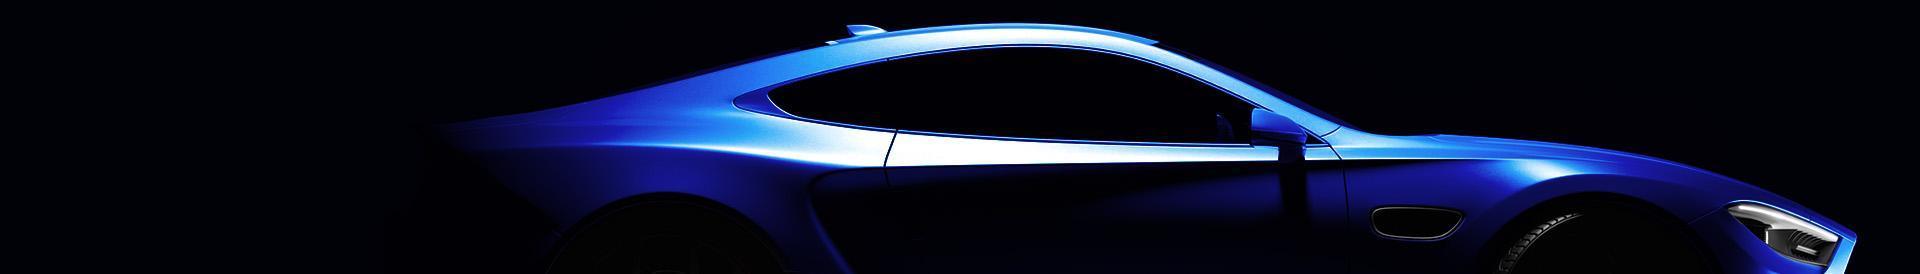 Samochód w ciemności widziany od boku